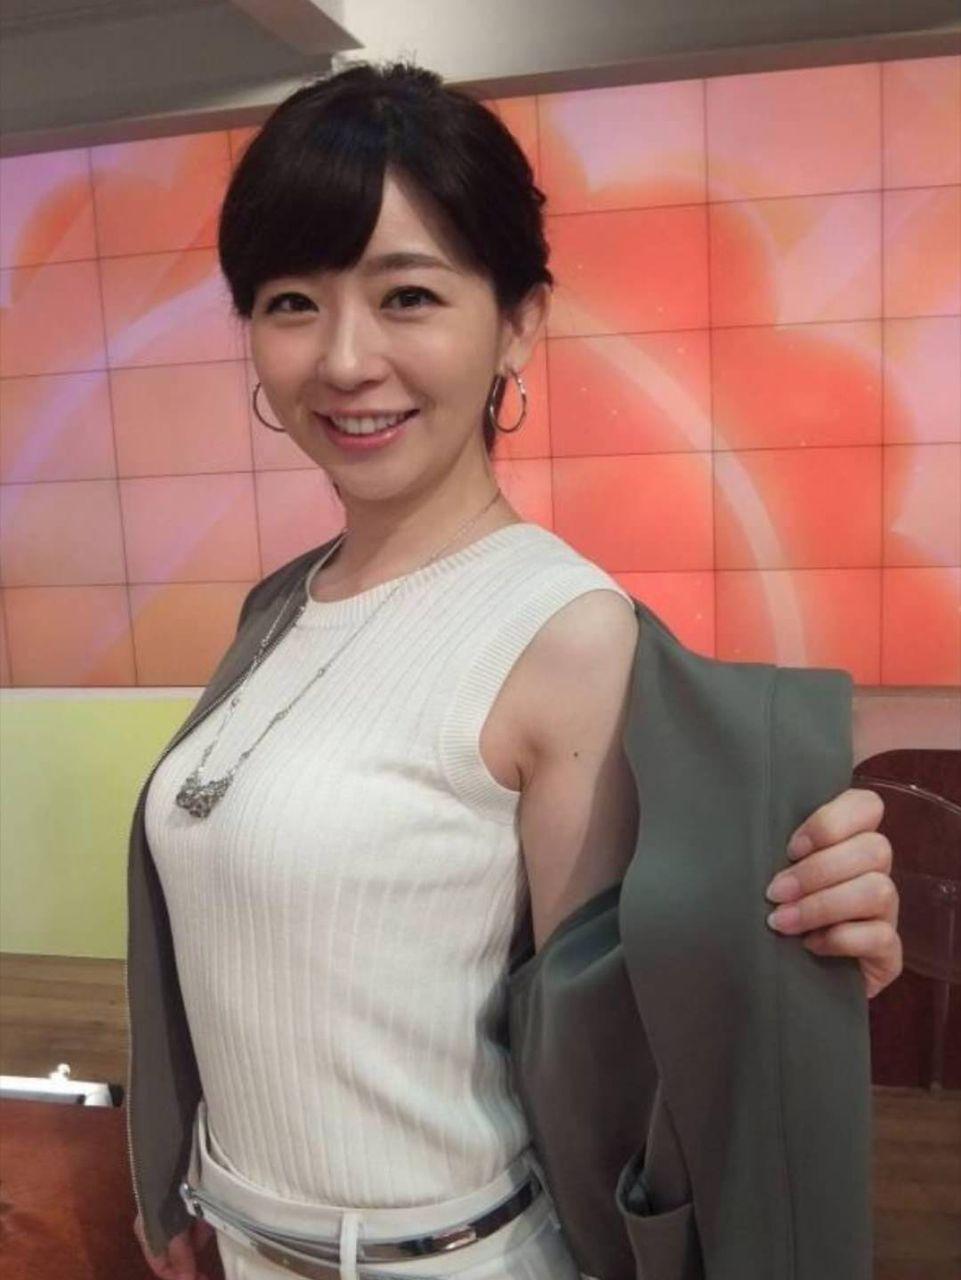 【芸能】「好きな女子アナ」ランキング『宇垣美里』が9位なんてウソだ!の声